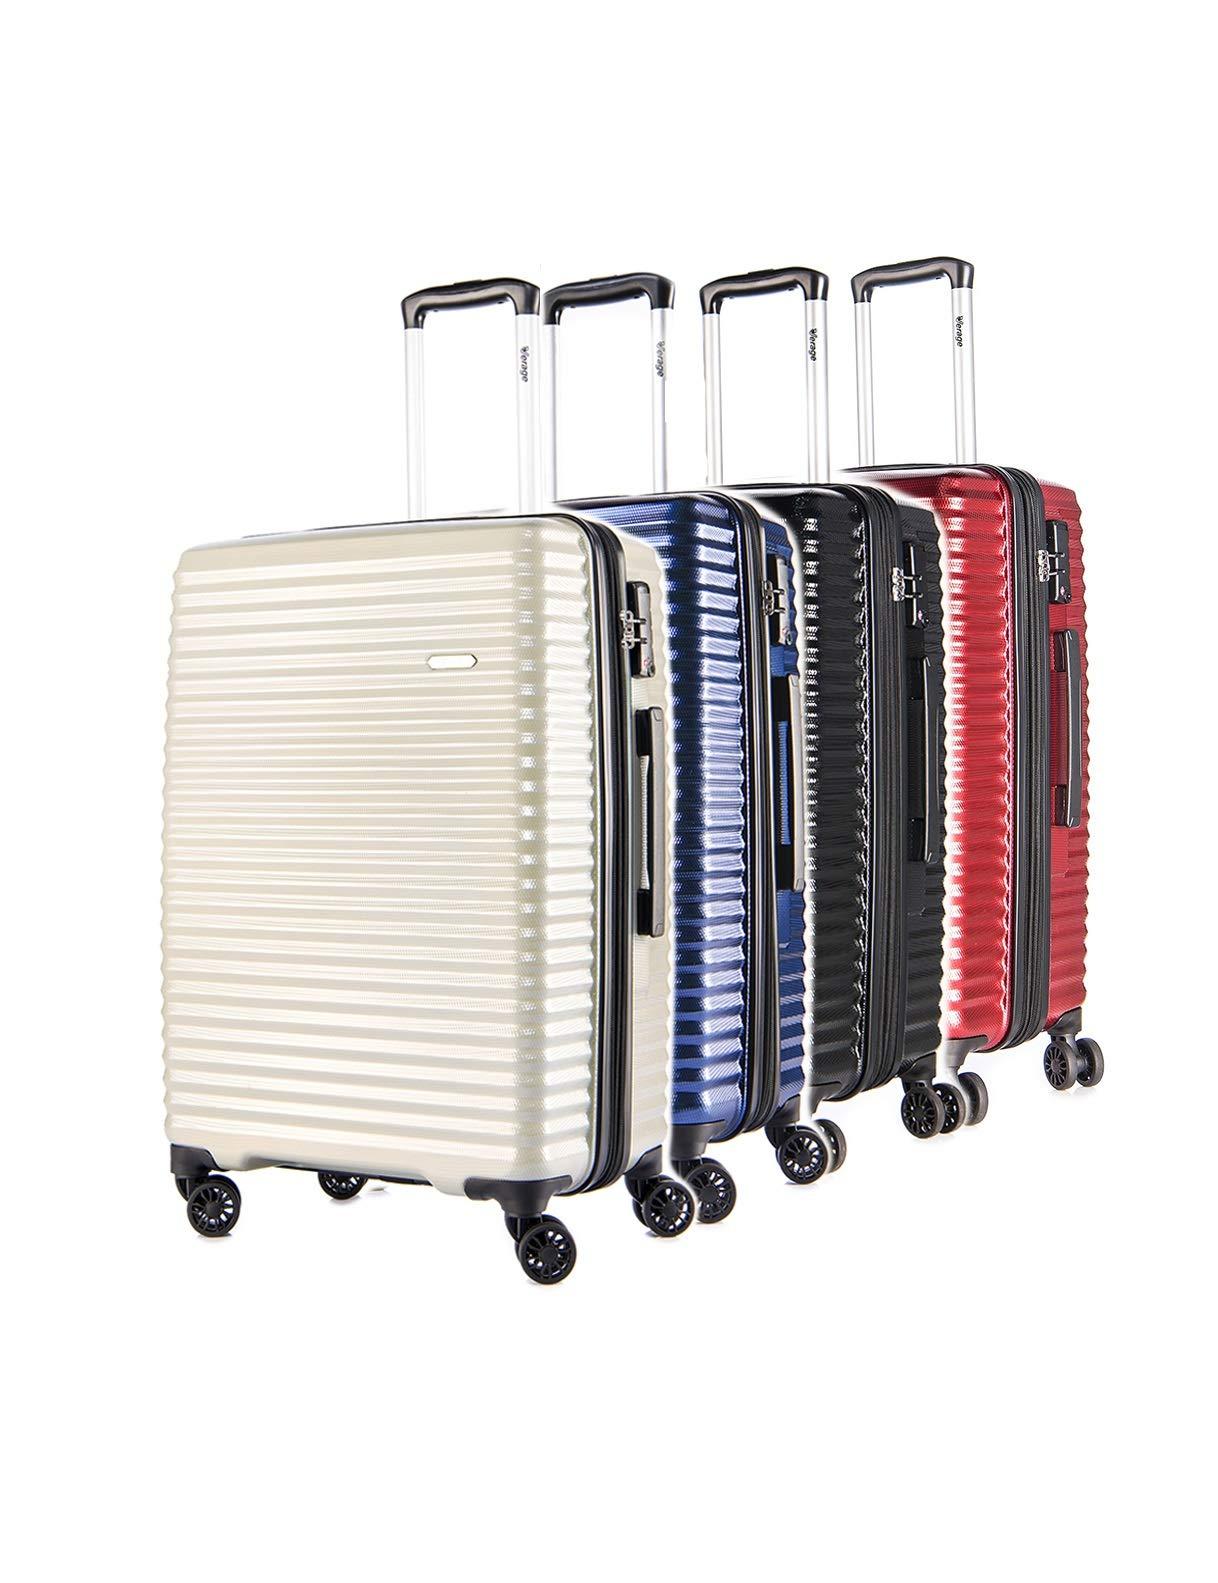 Verage-Vortex-Hartschale-Trolley-geruchsneutraler-Reisekoffer-mit-TSA-Schloss4x360-ZwillingsrollenMulti-FarbeHandgepck-S-M-Lumweltfreundlich